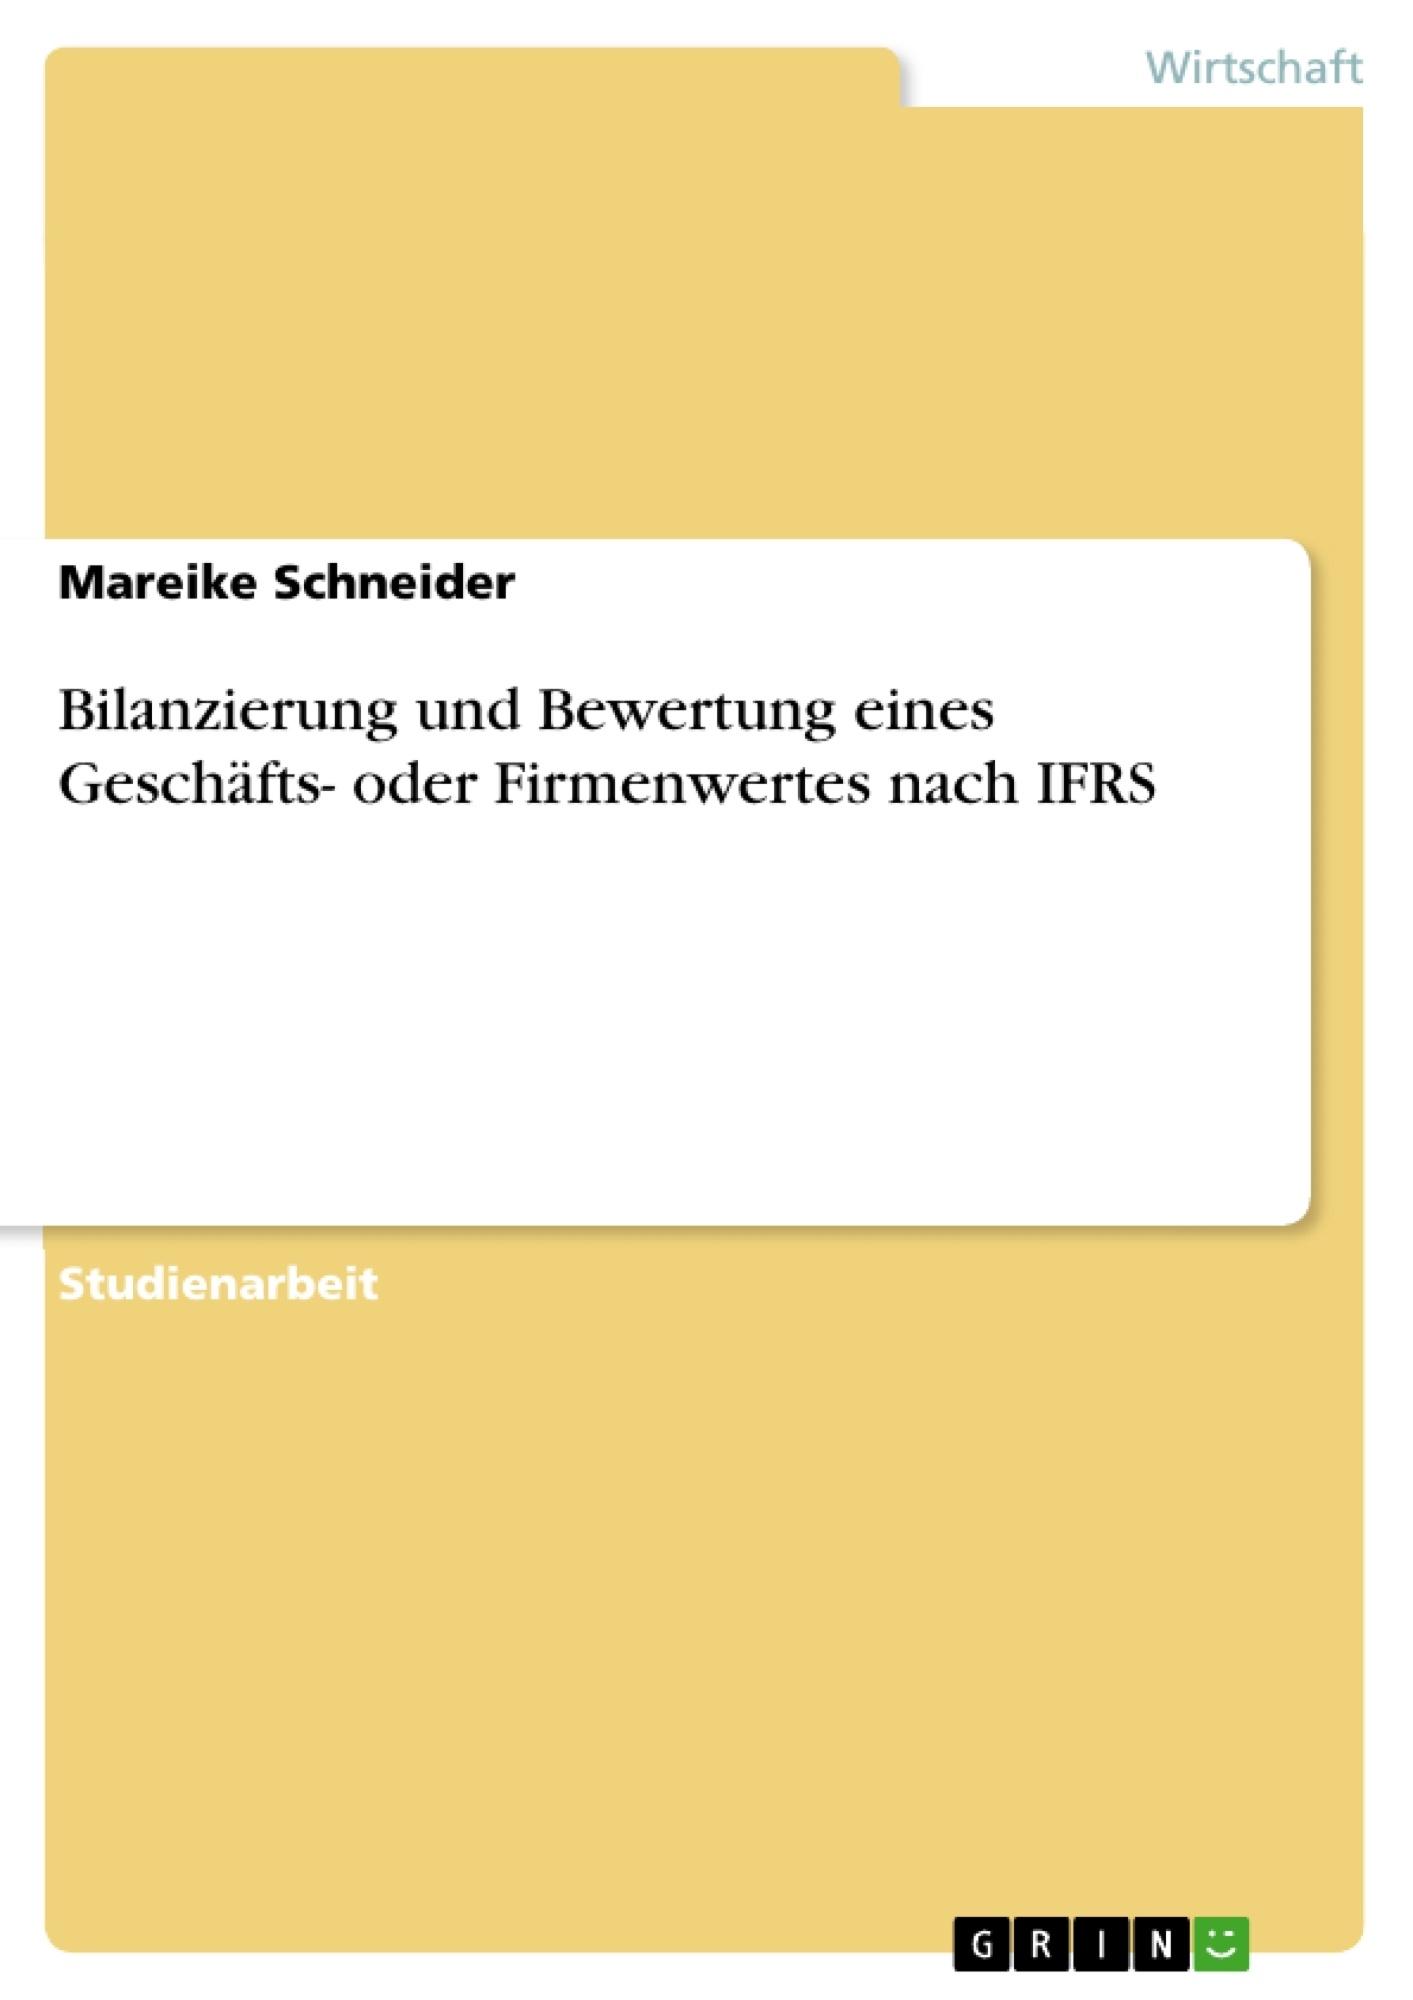 Titel: Bilanzierung und Bewertung eines Geschäfts- oder Firmenwertes nach IFRS